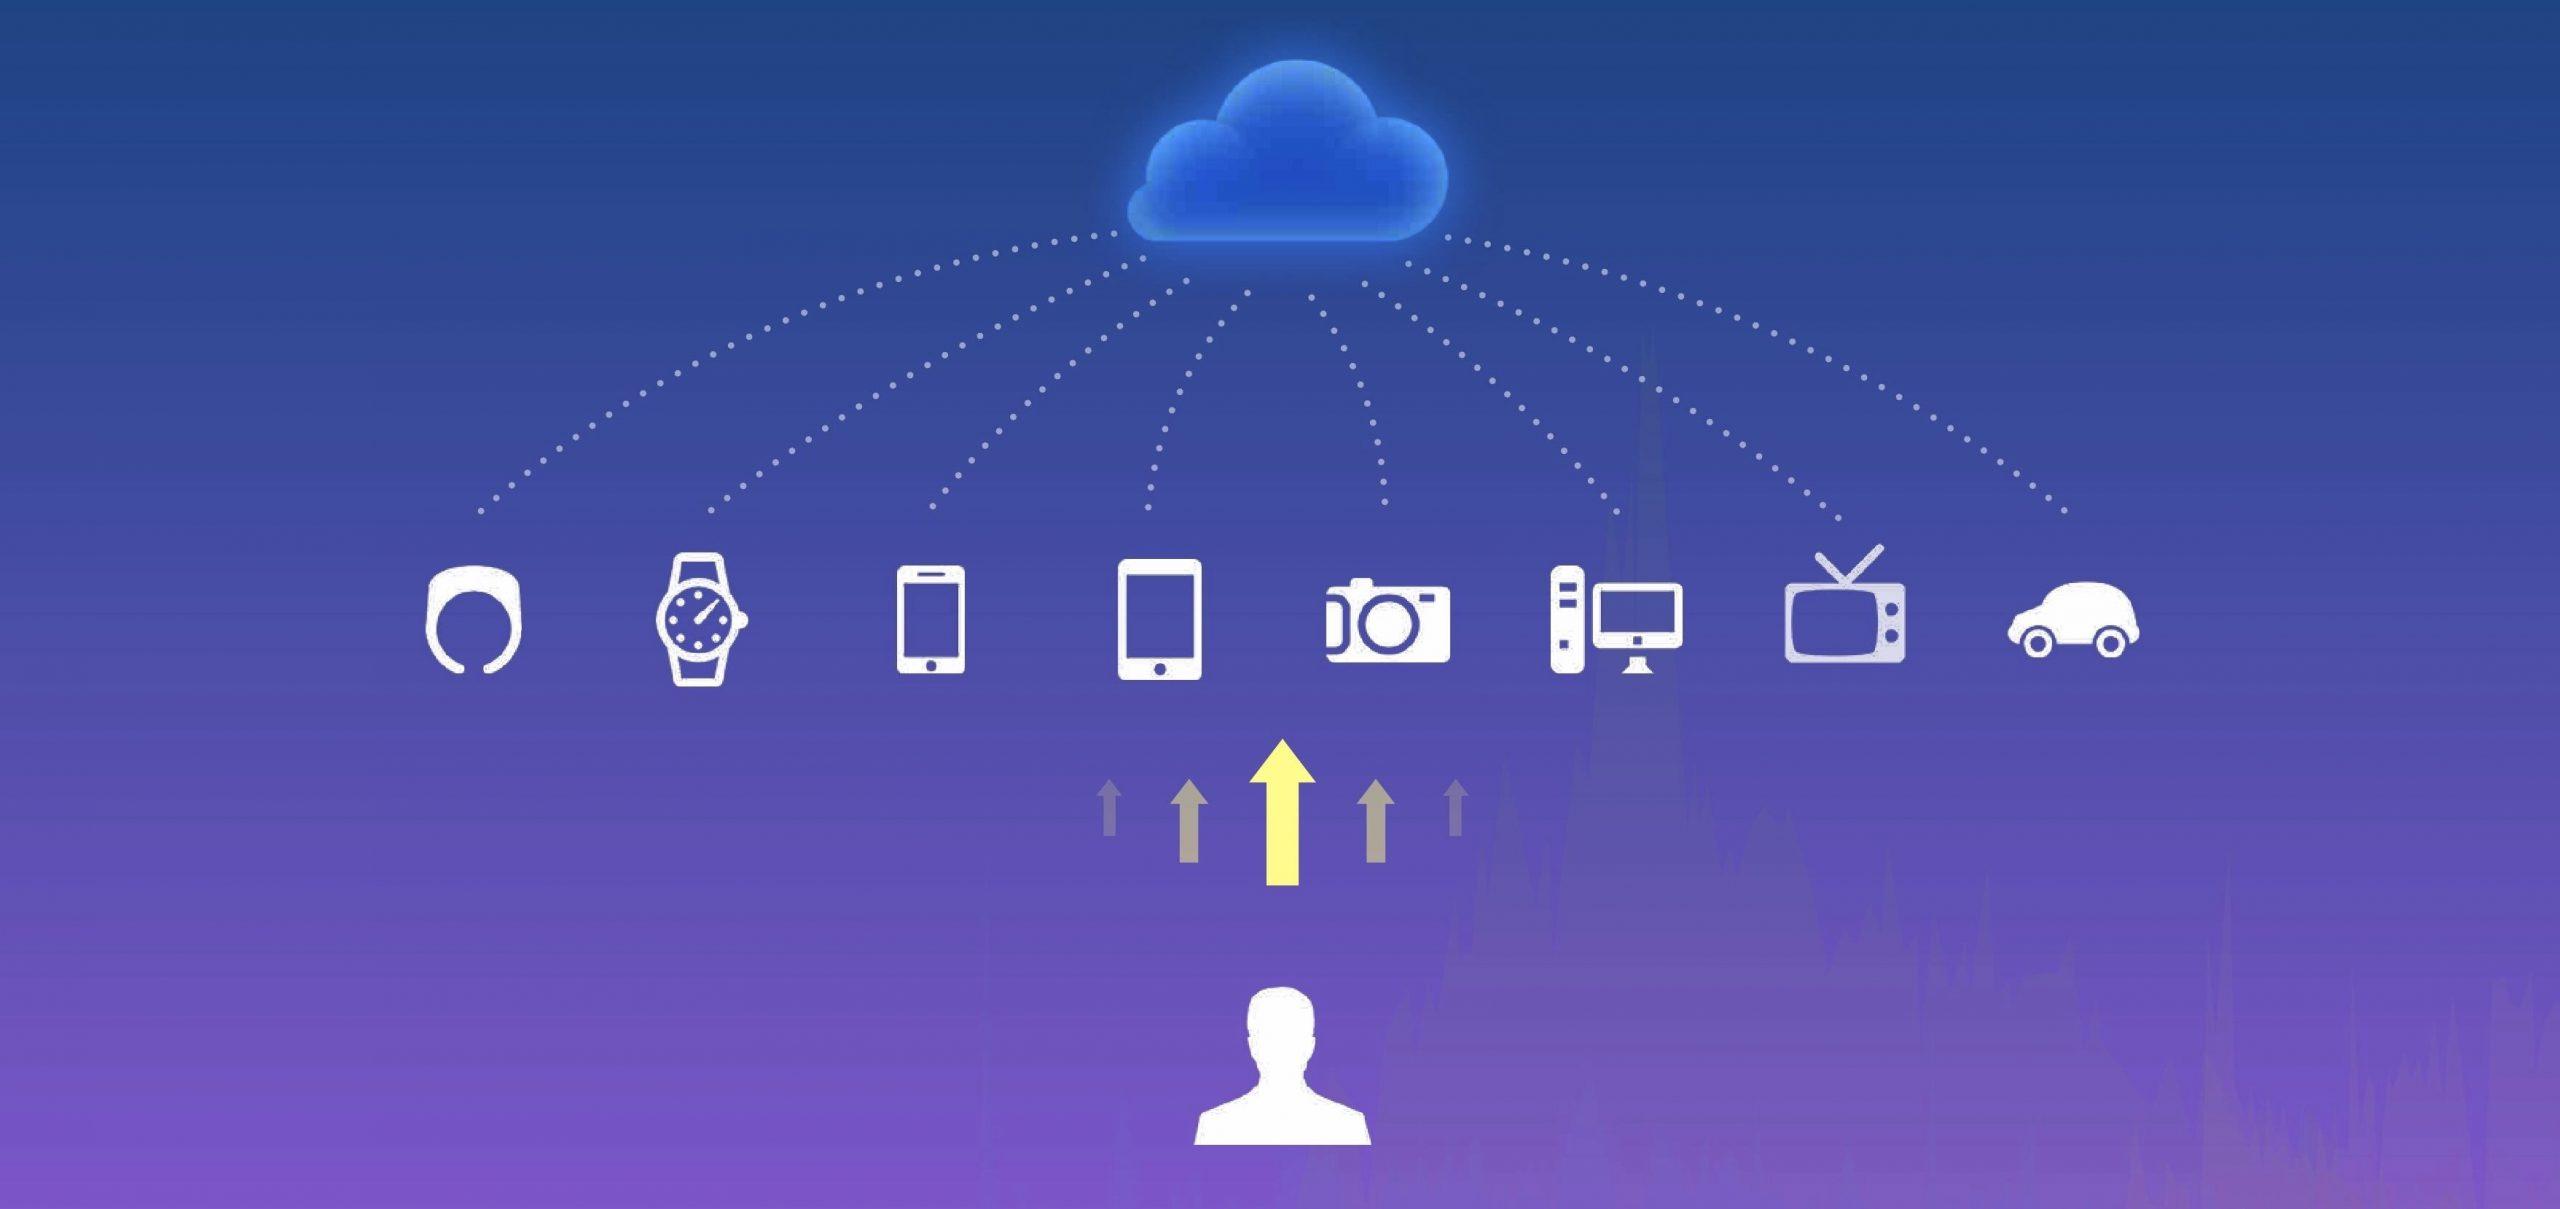 福建将推进生成500个5G网络、数据中心等新基建大项目